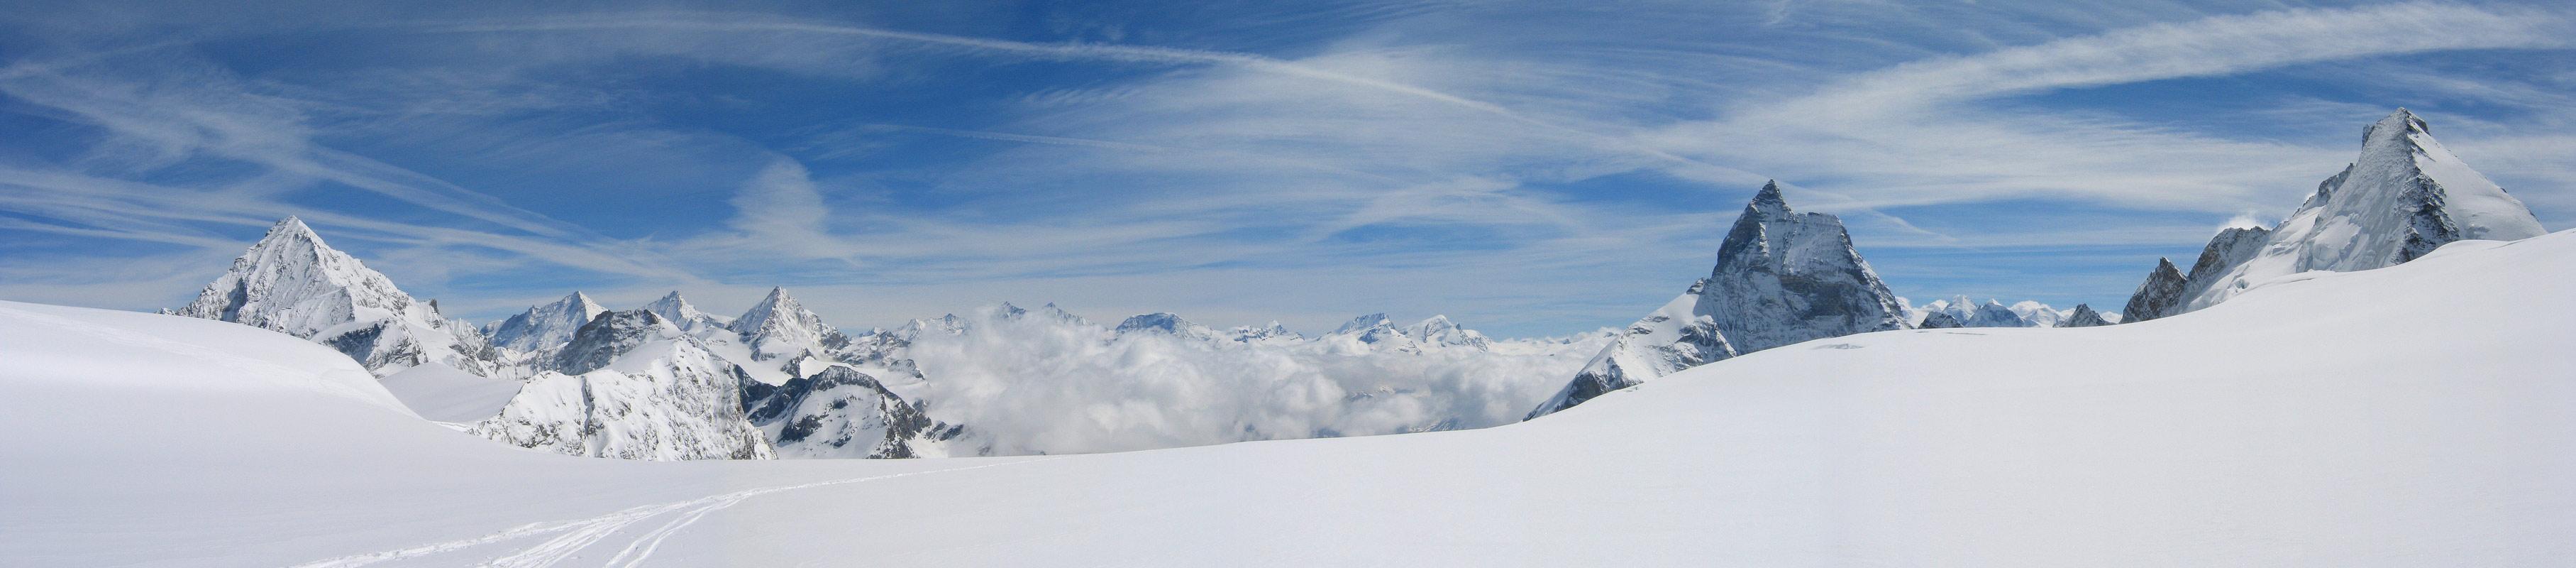 Col Valpelline, Day 6 H.R. Chamonix-Zermatt Walliser Alpen / Alpes valaisannes Schweiz panorama 52